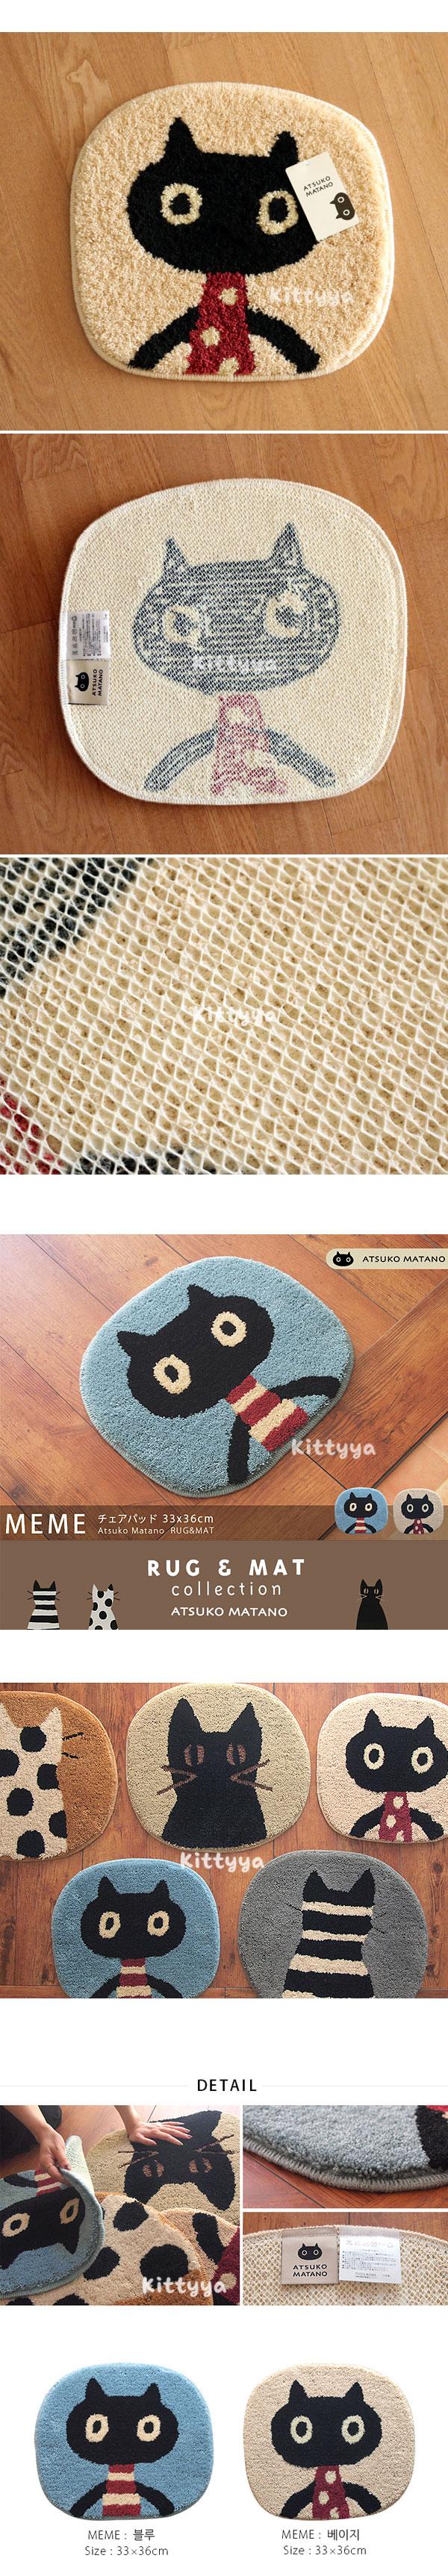 마타노아츠코 라무리즈 MEME 고양이 발매트 2종 - 키티야, 39,540원, 디자인 발매트, 디자인